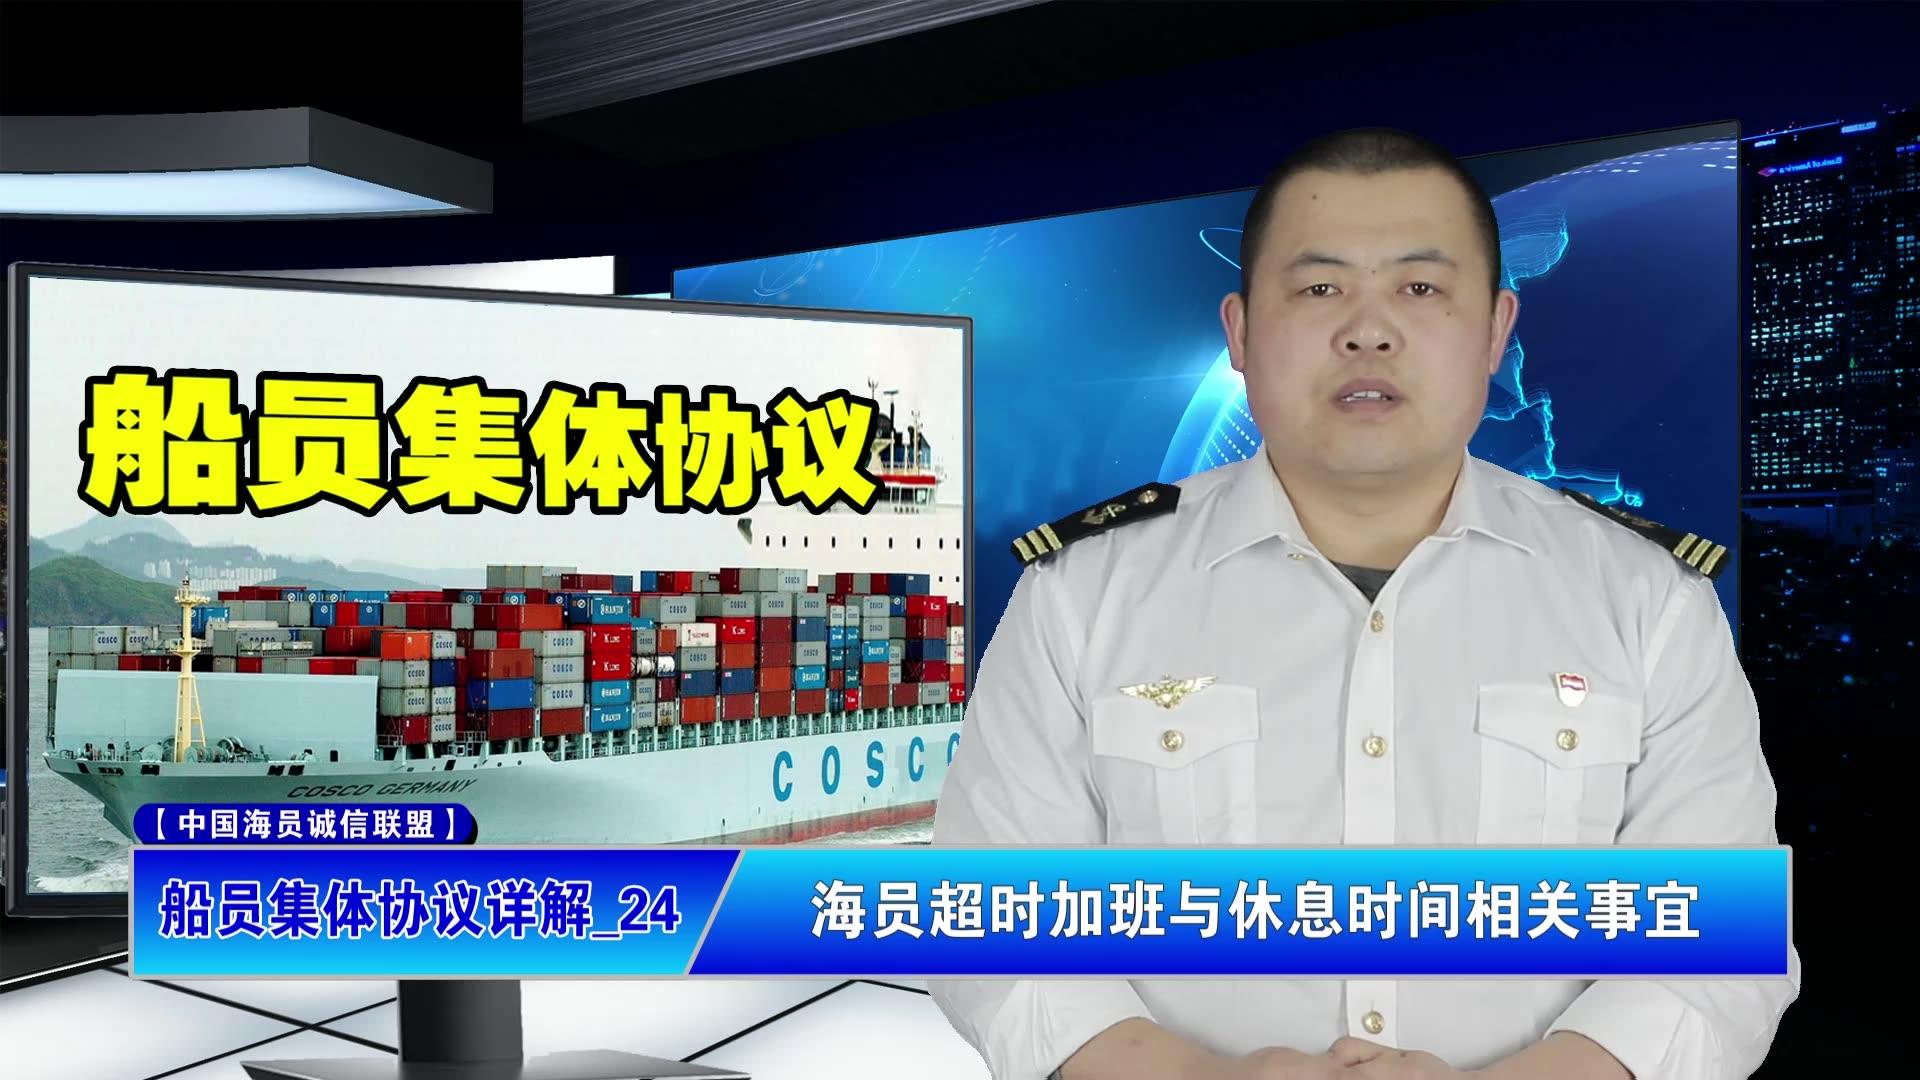 船员集体协议详解_24:海员超时加班与休息时间相关事宜